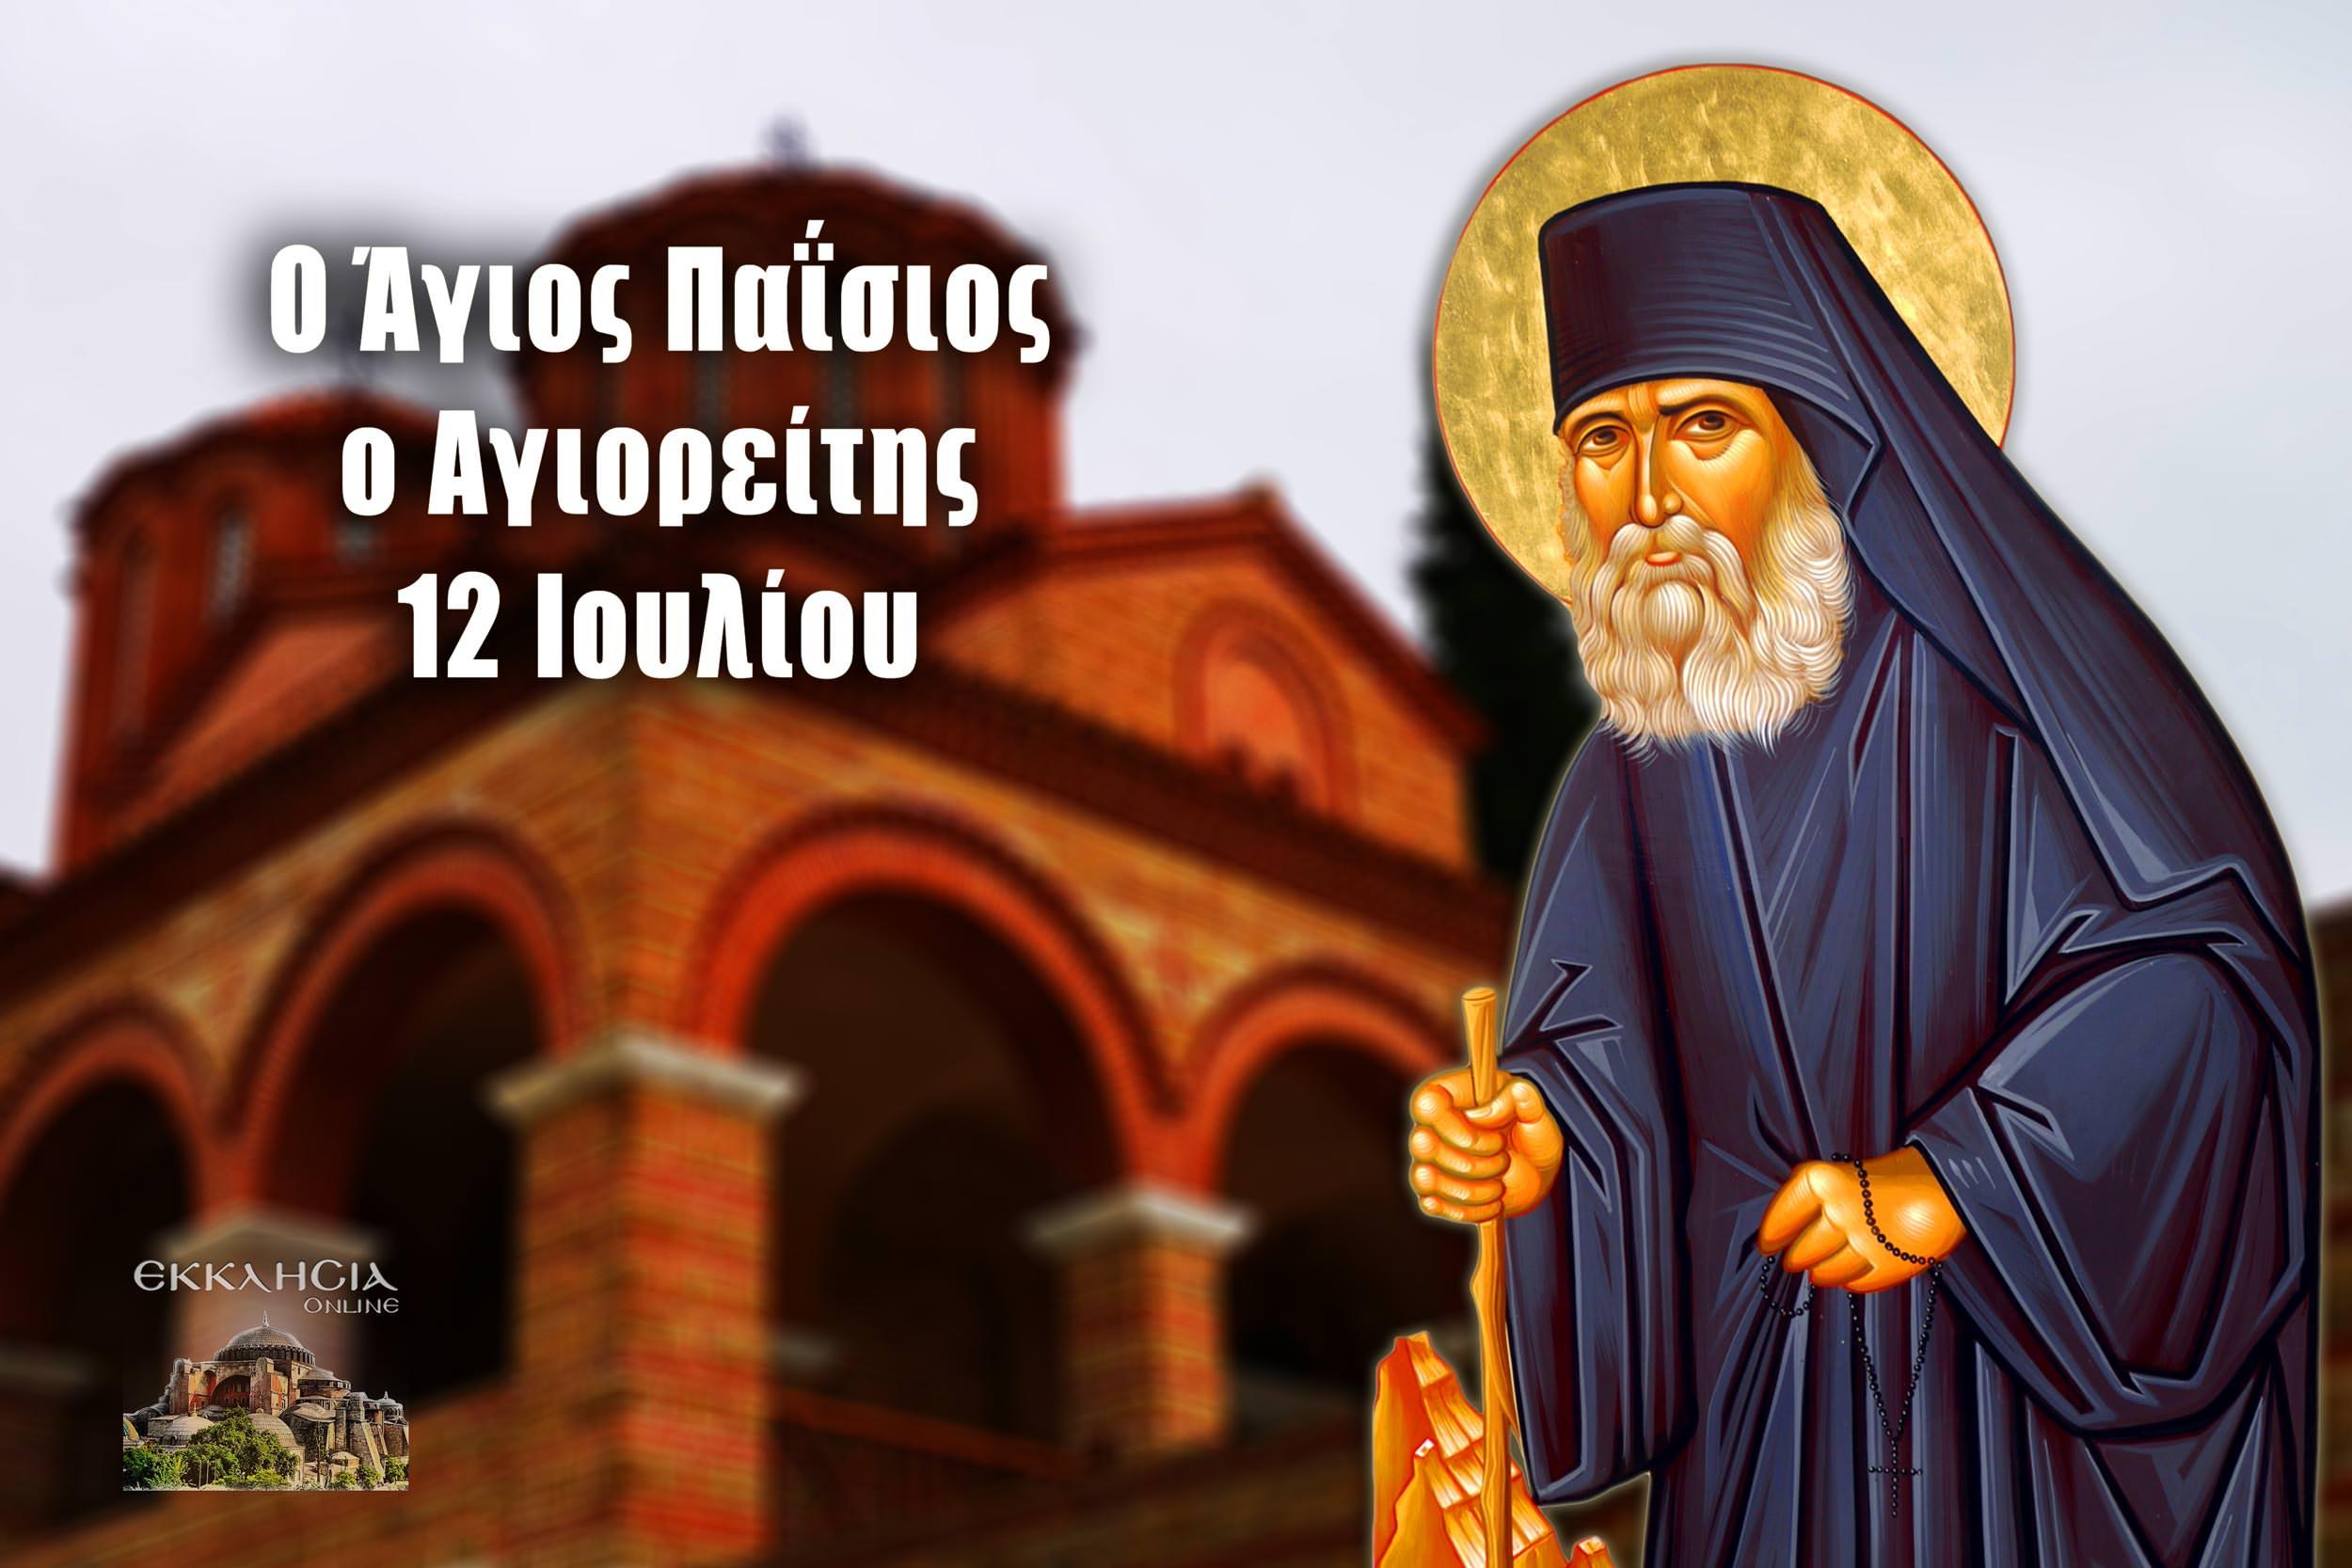 Άγιος Παΐσιος Αγιορείτης 12 Ιουλίου